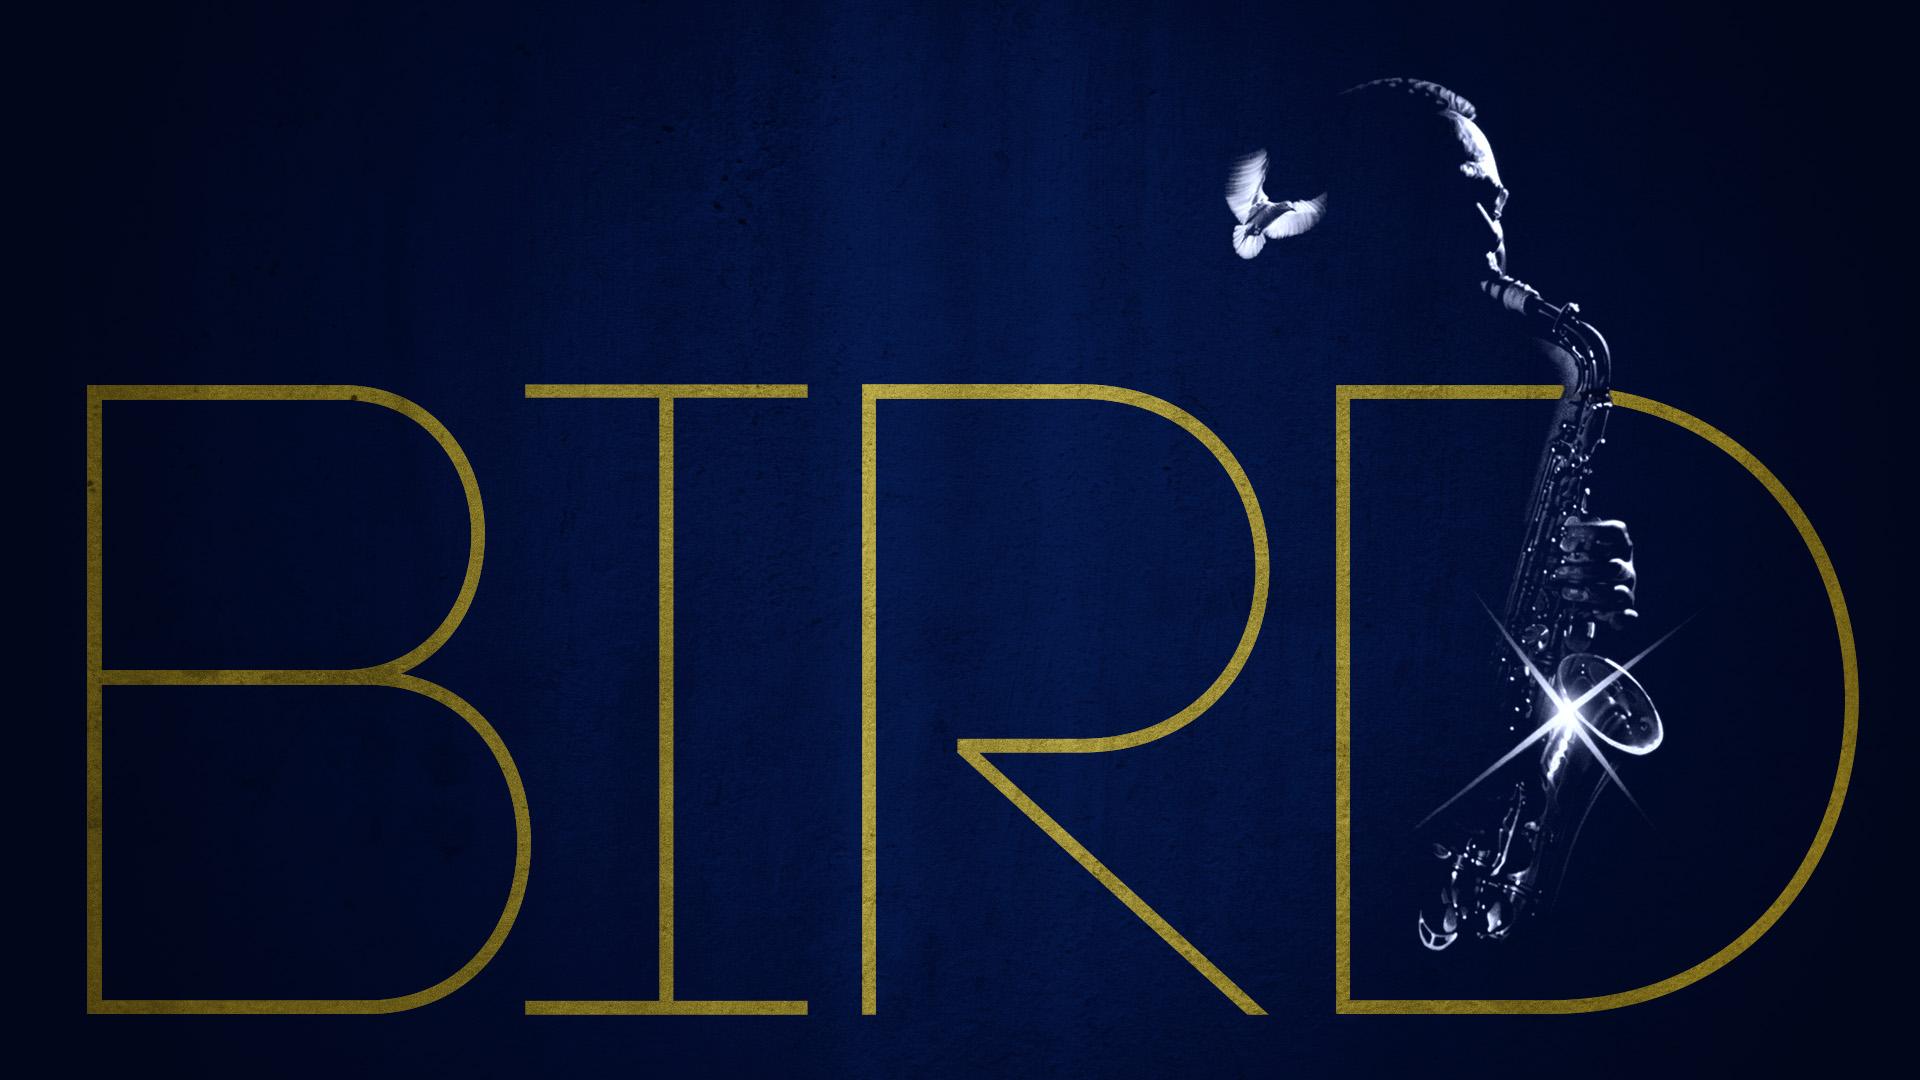 001 bird